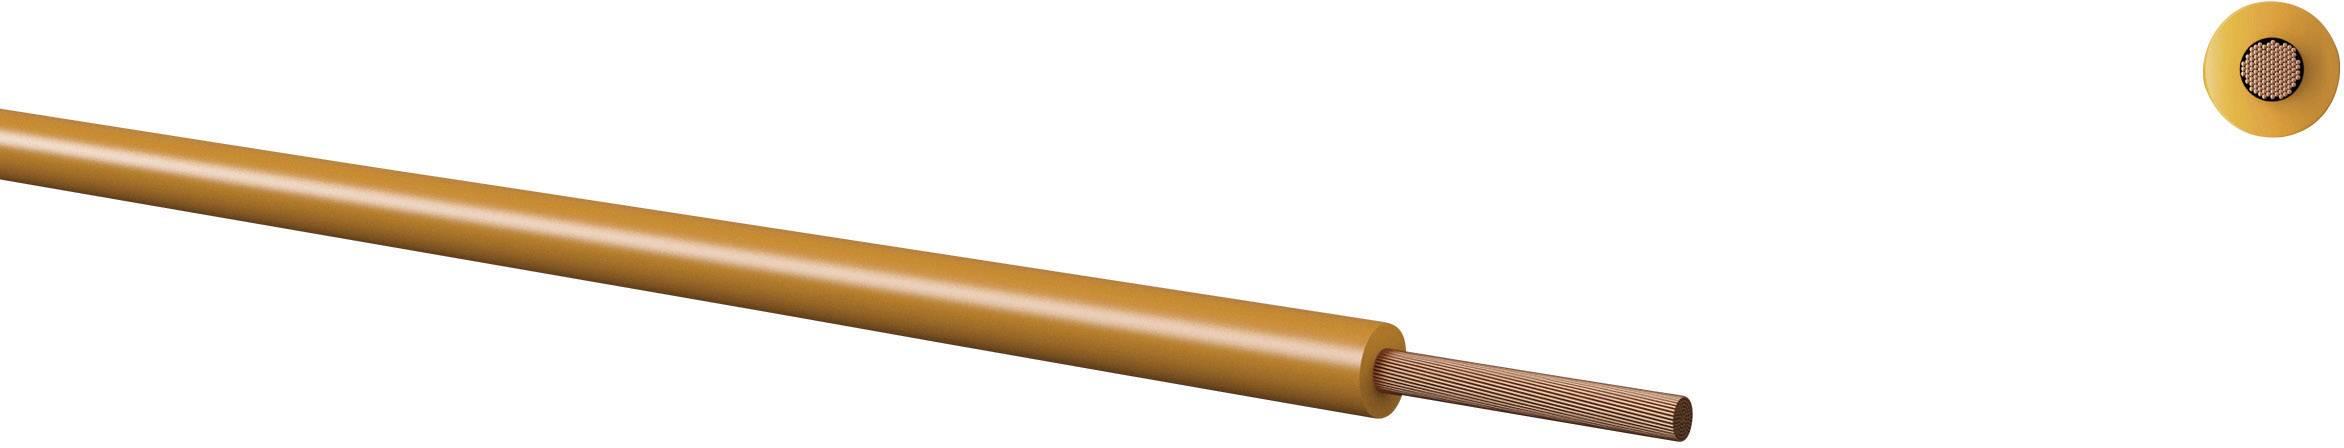 Opletenie / lanko Kabeltronik 160110005 LiFY, 1 x 1 mm², vonkajší Ø 2.50 mm, metrový tovar, sivá